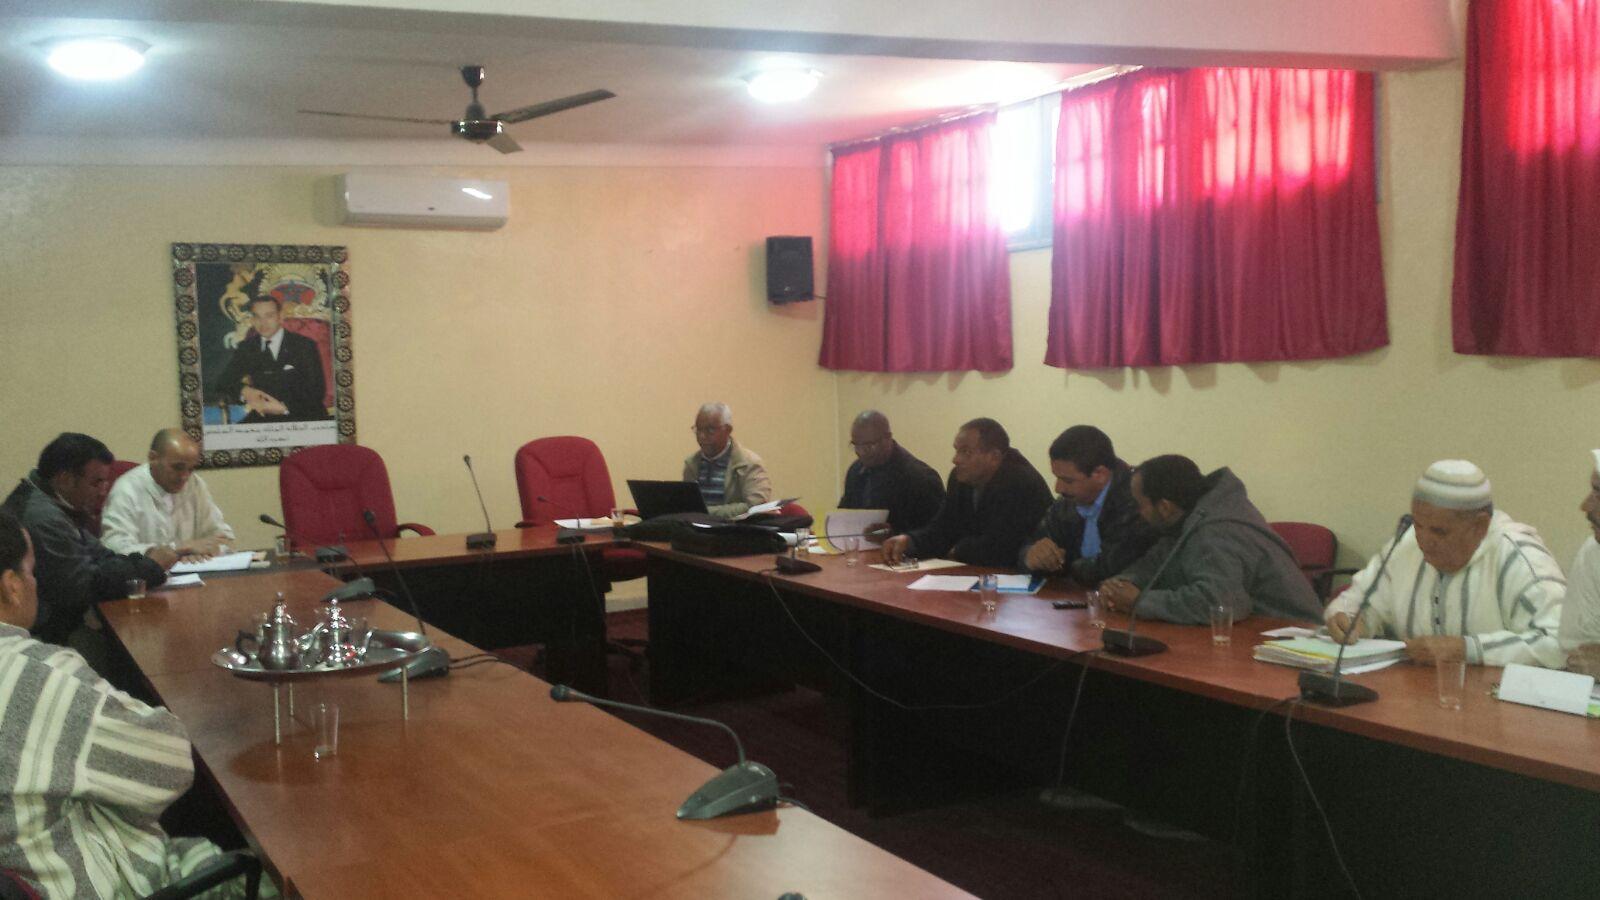 تازارين: تأسيس GIE المجموعة ذات النفع الاقتصادي للتعاونيات الفلاحية بحوض المعيدر